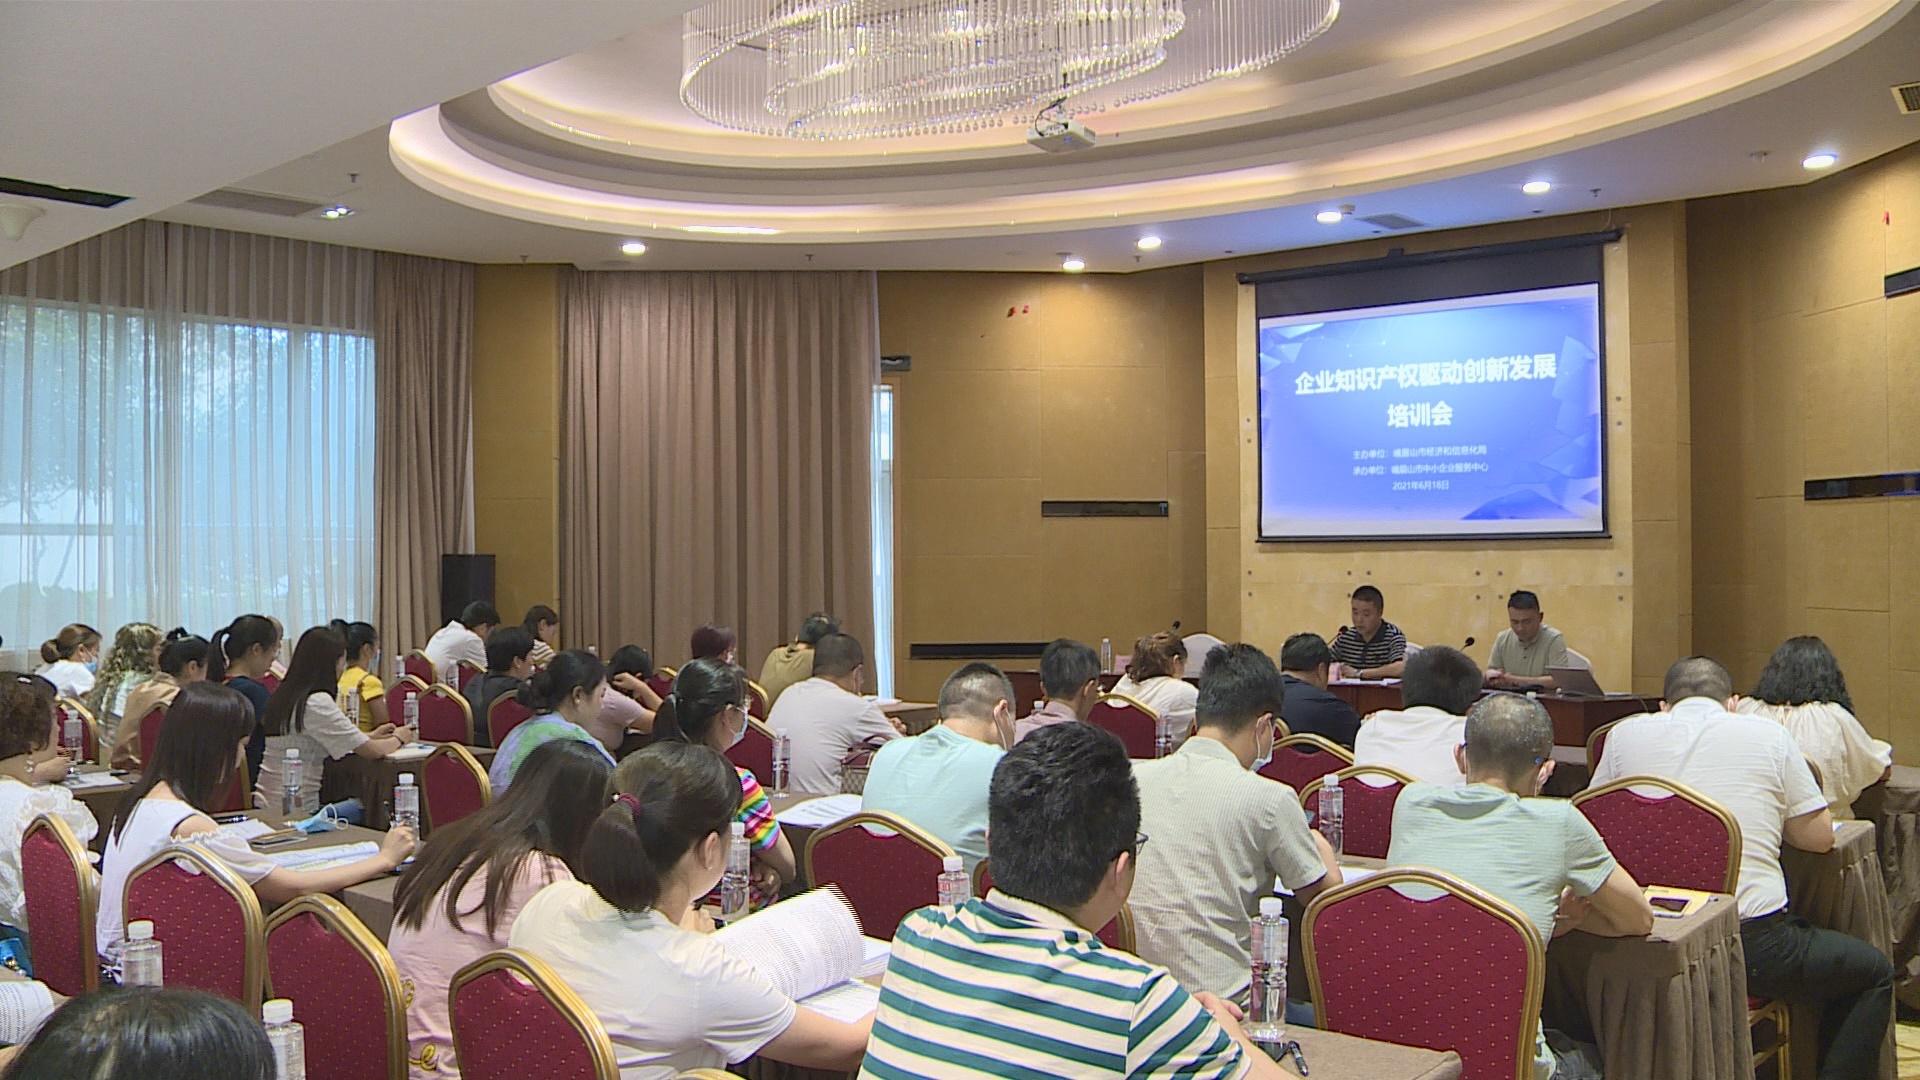 峨眉山市企业知识产权驱动创新发展培训顺利开展